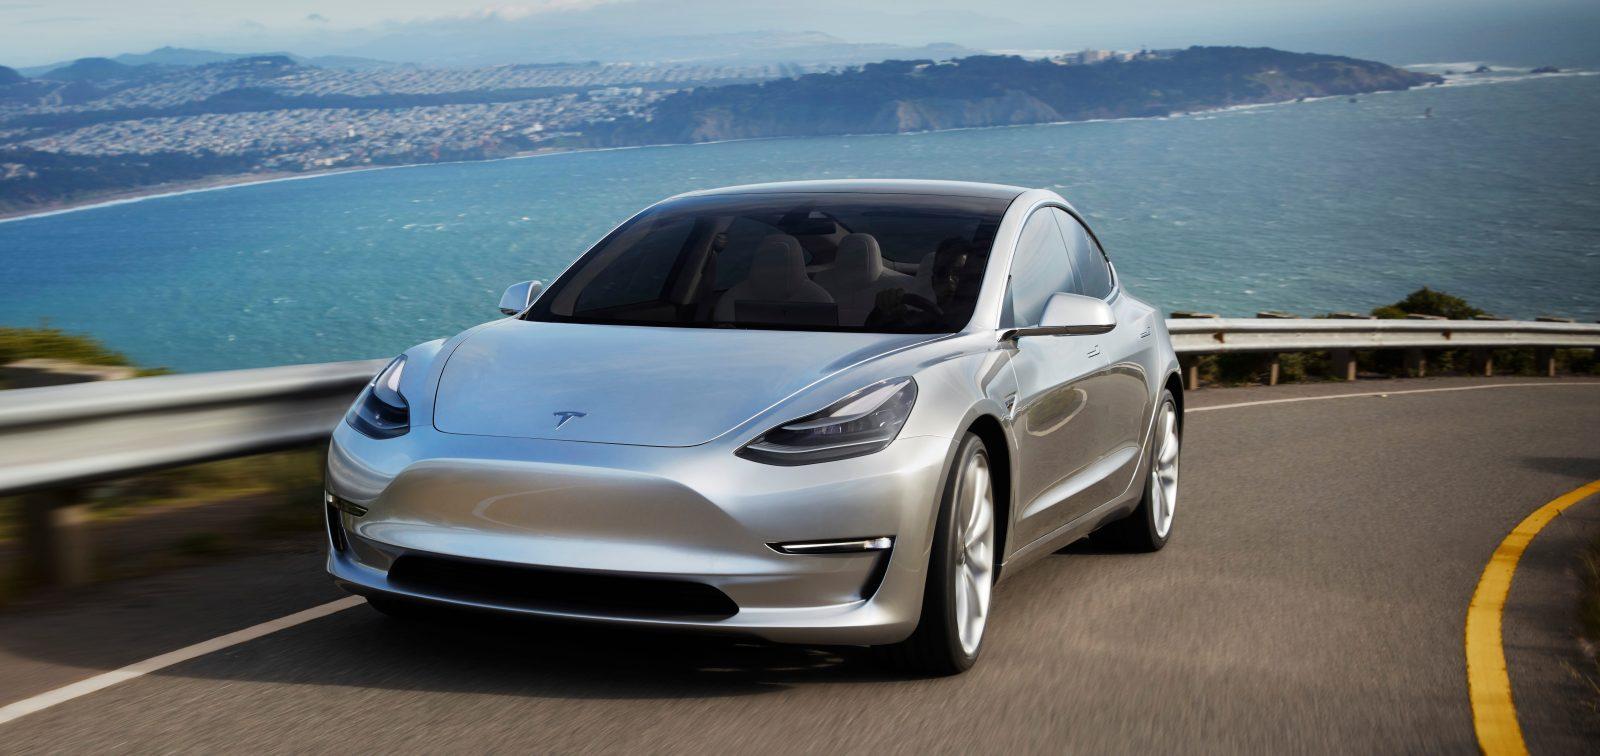 Стало известно о двойном моторе Model 3, версия Performance стоит $78 тысяч 1